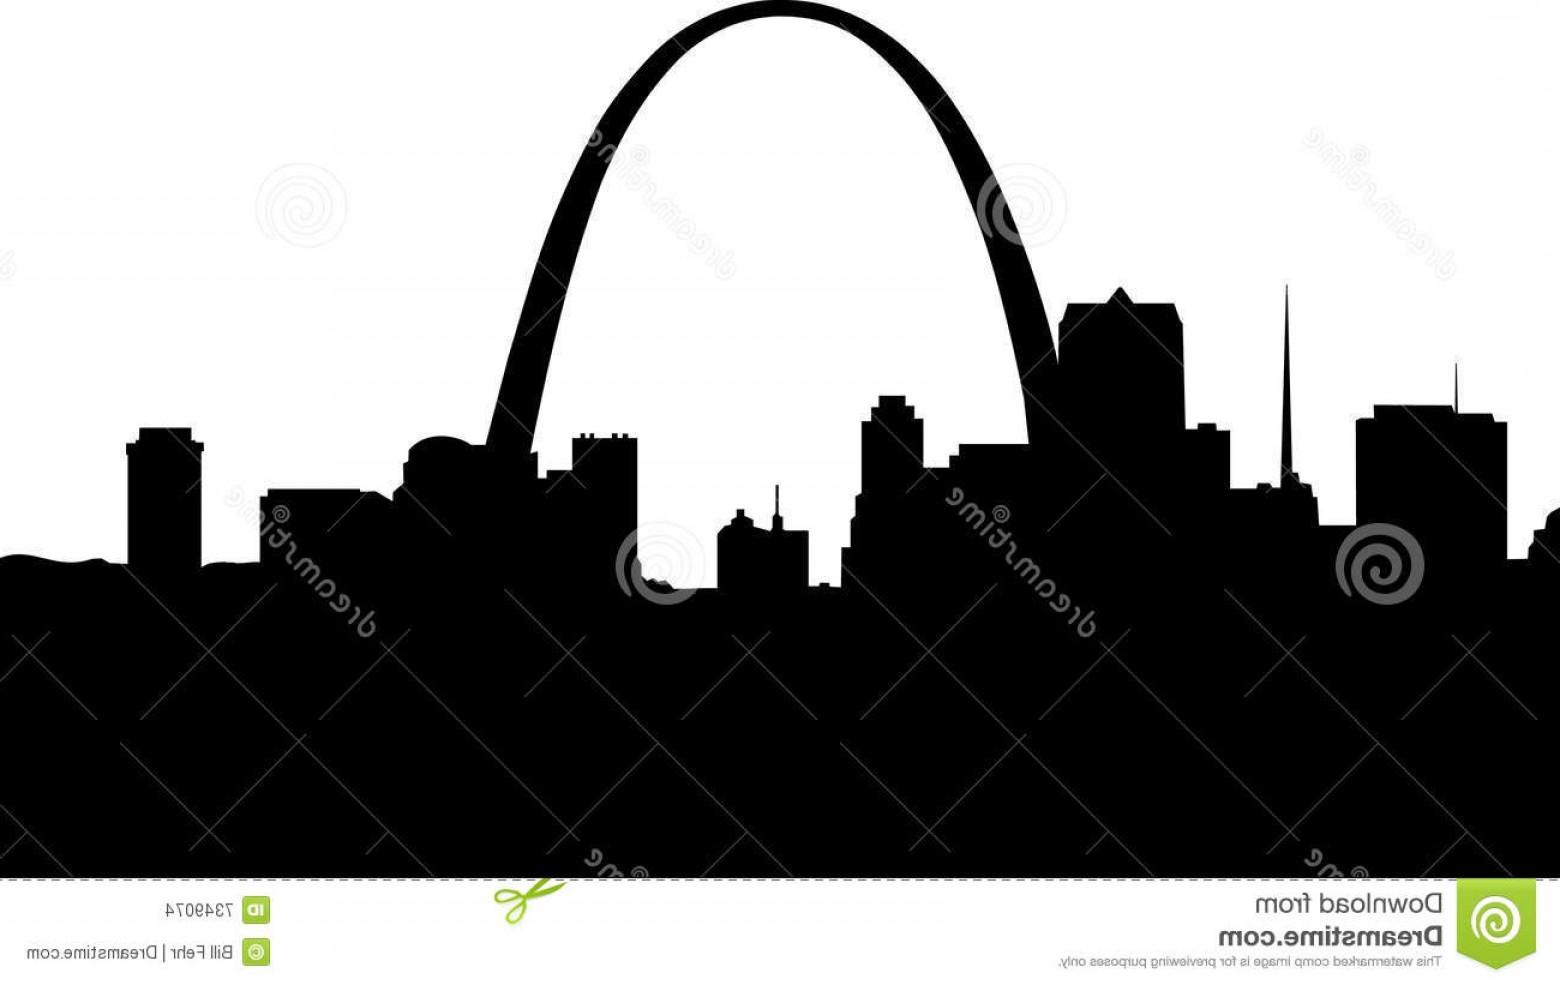 1560x985 Stock Images Saint Louis Silhouette Image Lazttweet